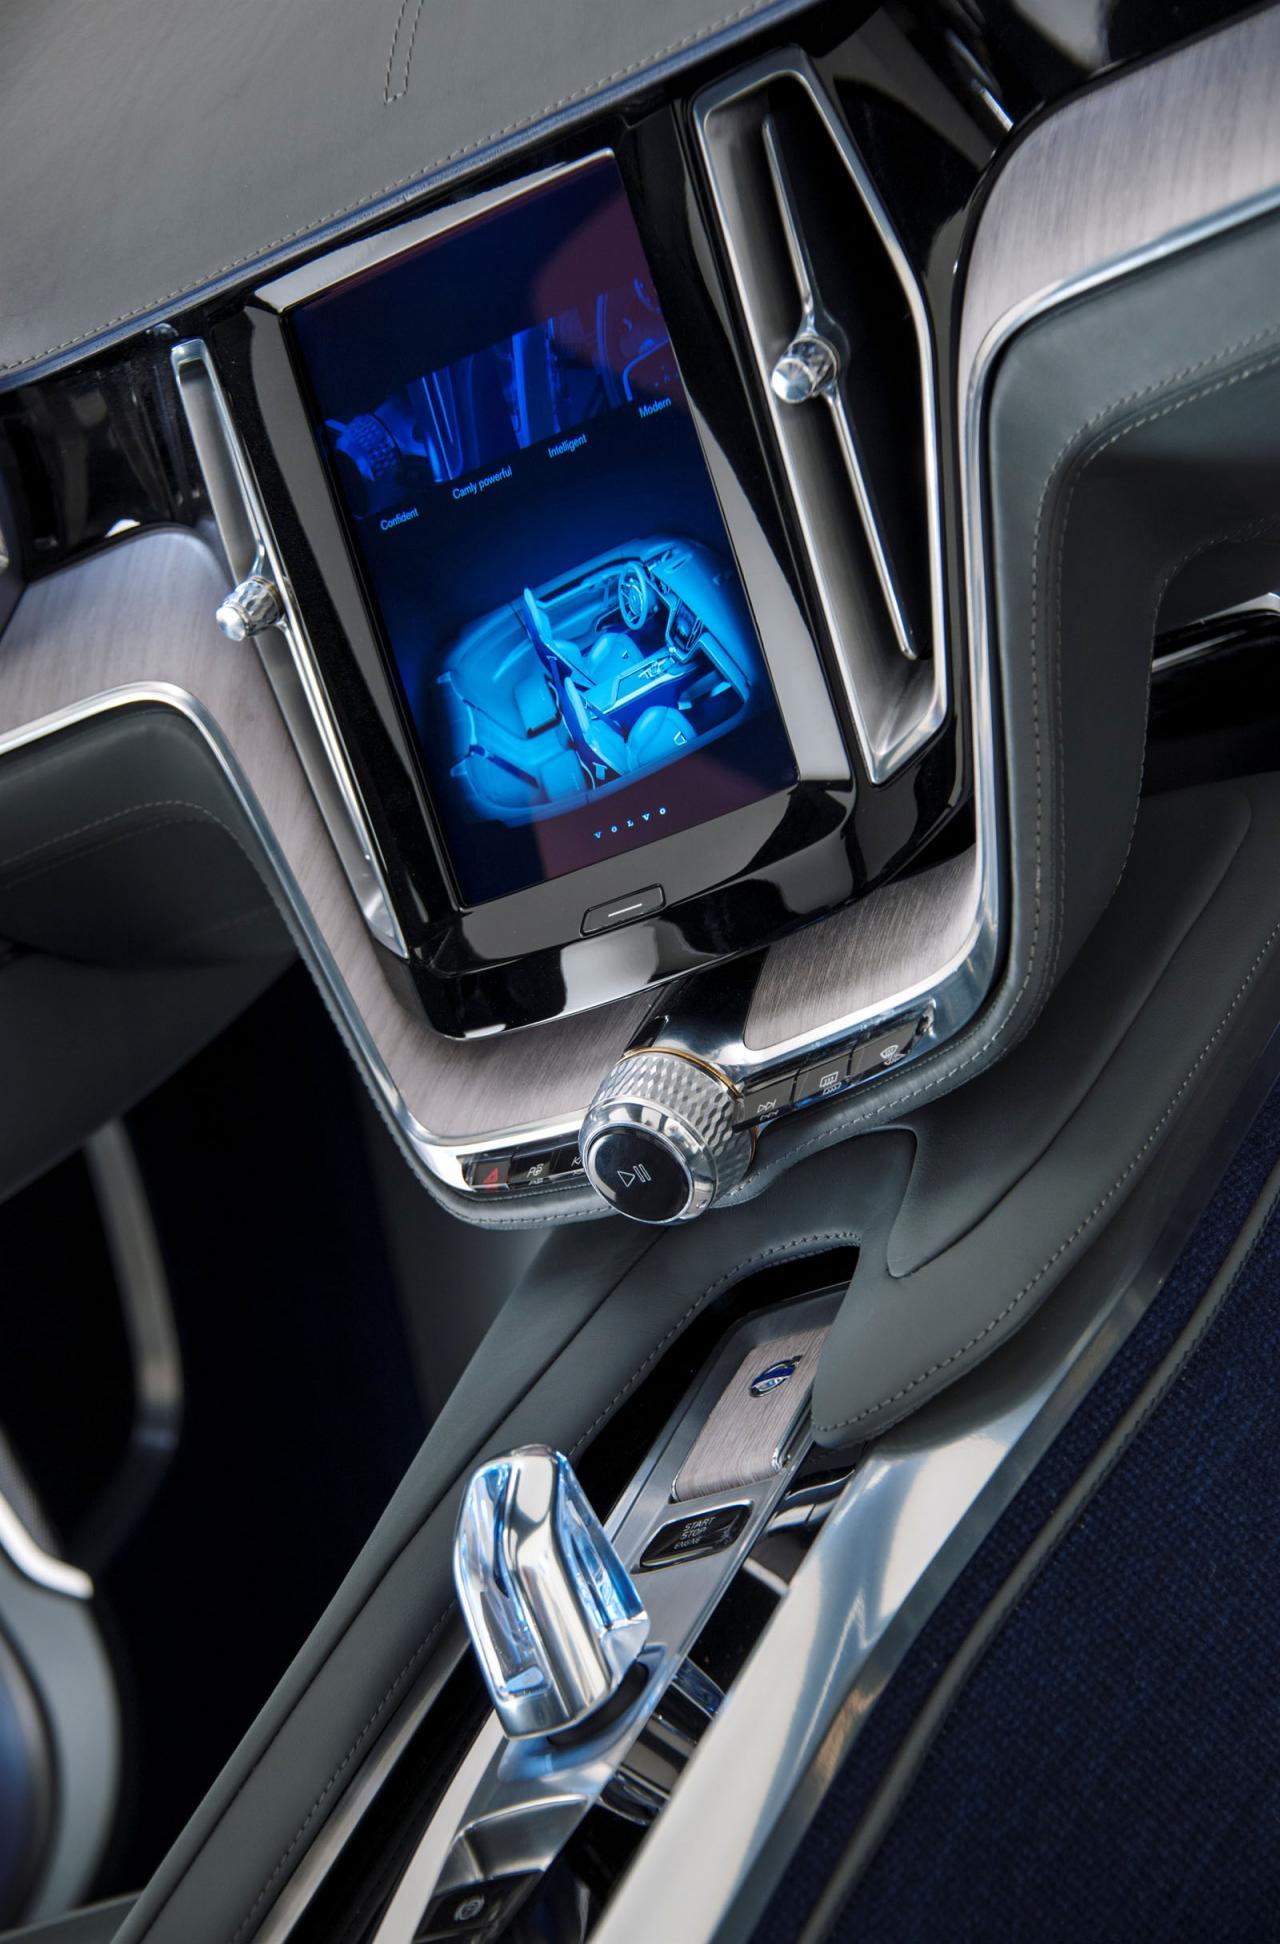 Consola centrala controleaza toate sistemele auxiliare ale masinii